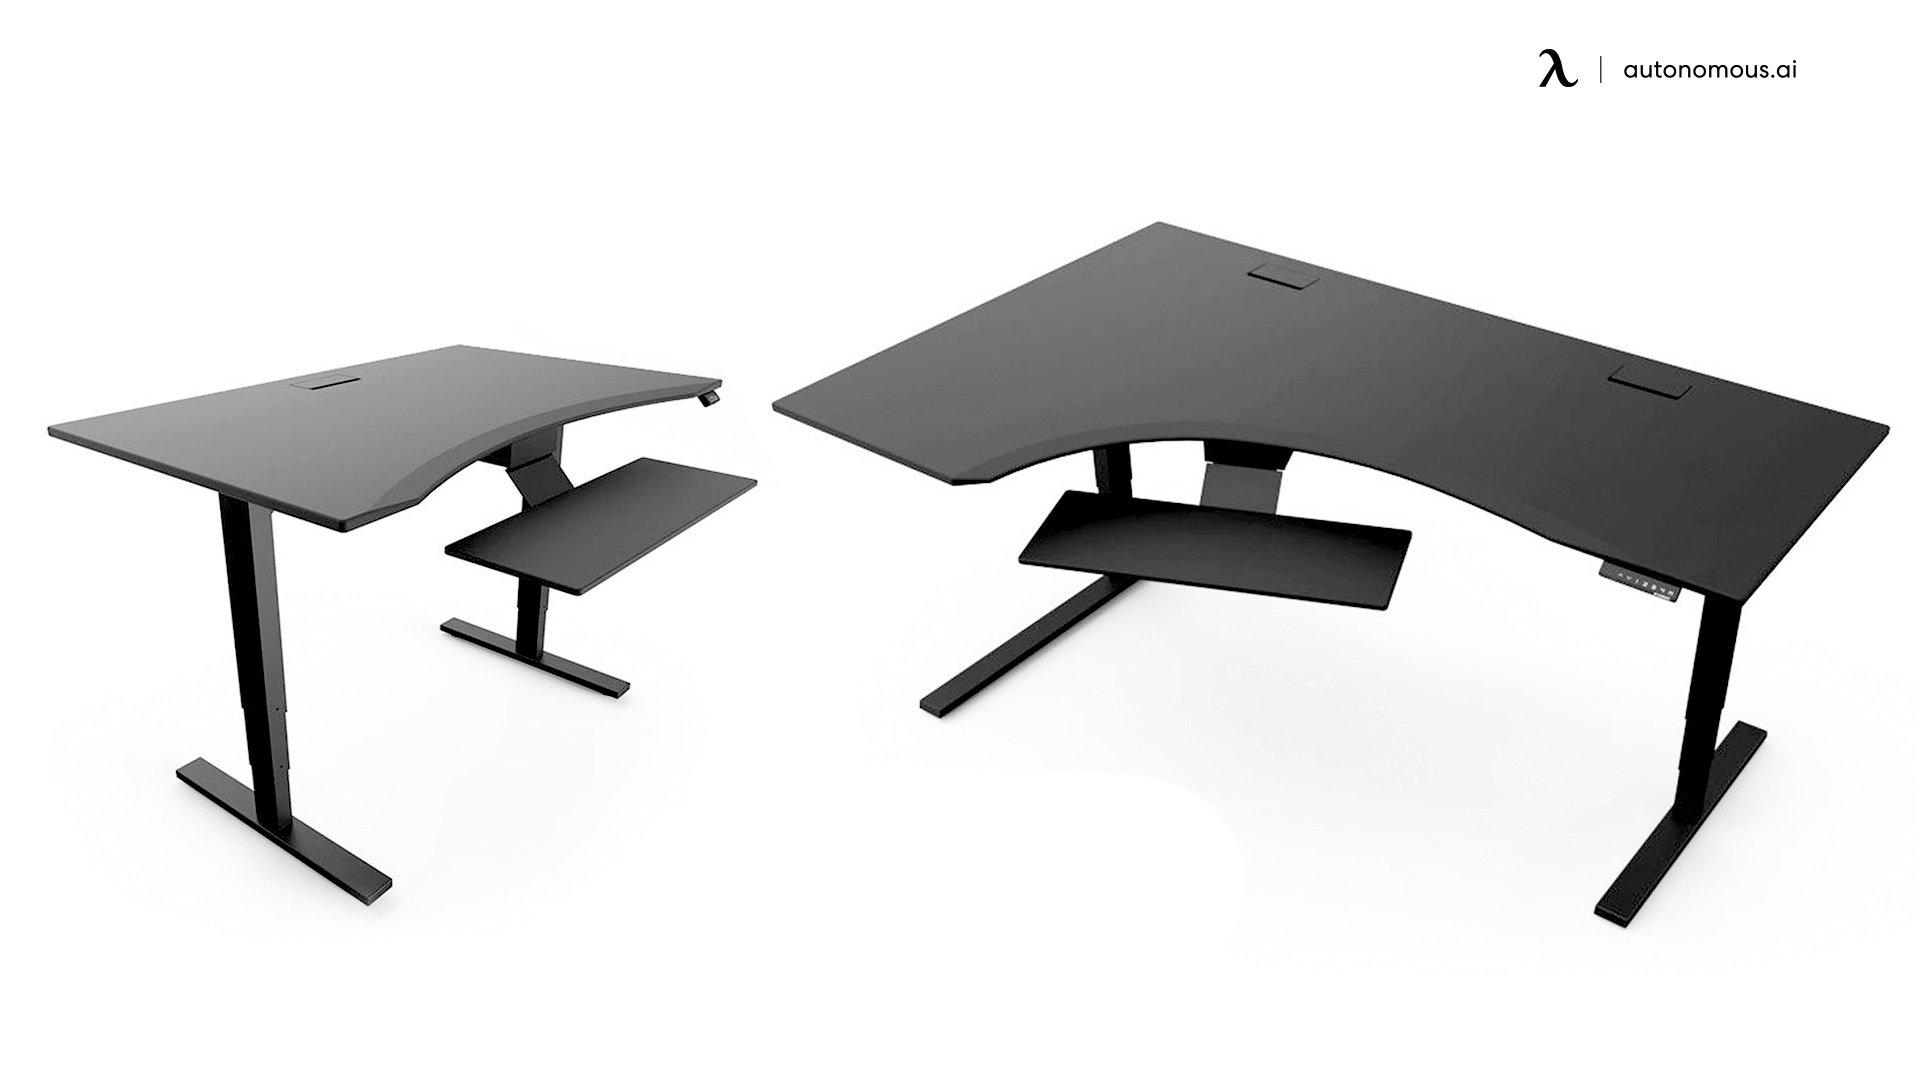 Evodesk Adjustable Gaming Desk